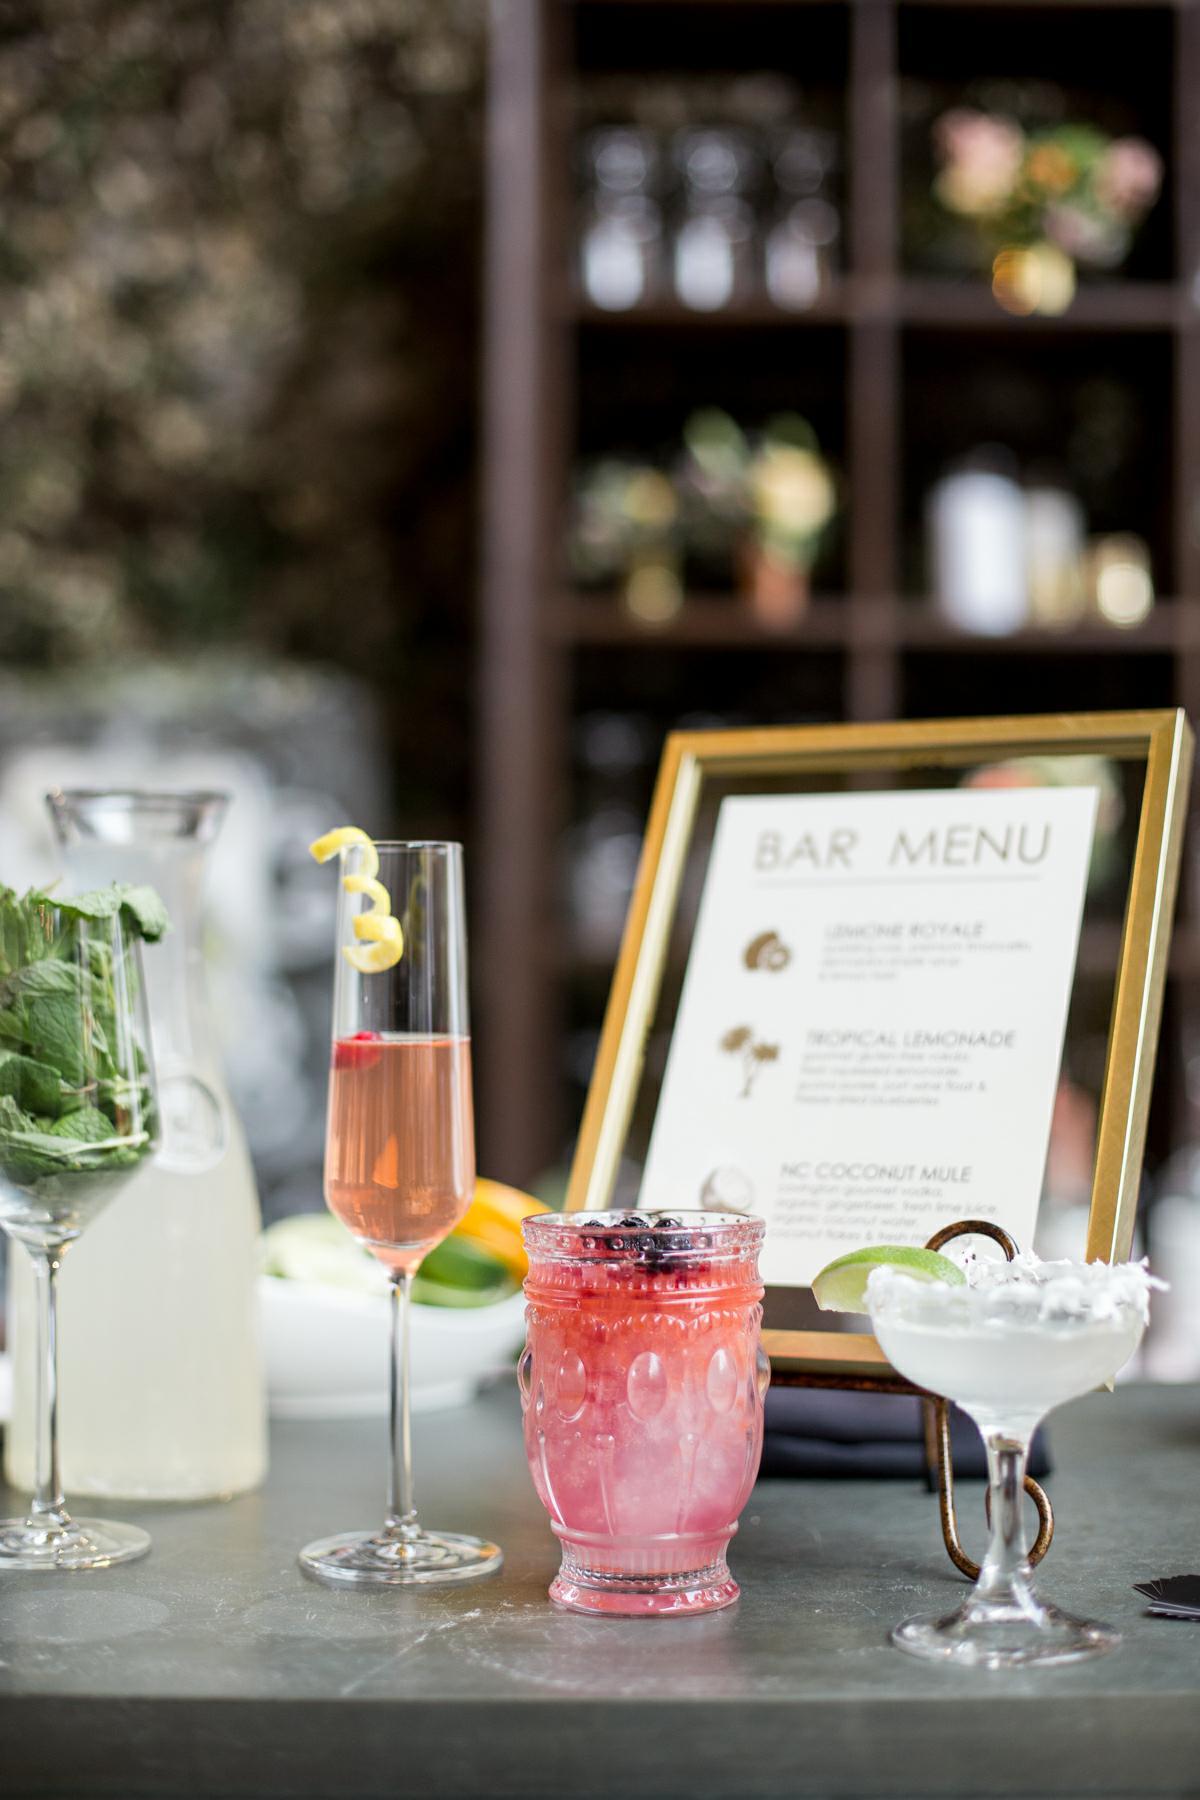 kir royal paul campbell mister bartender